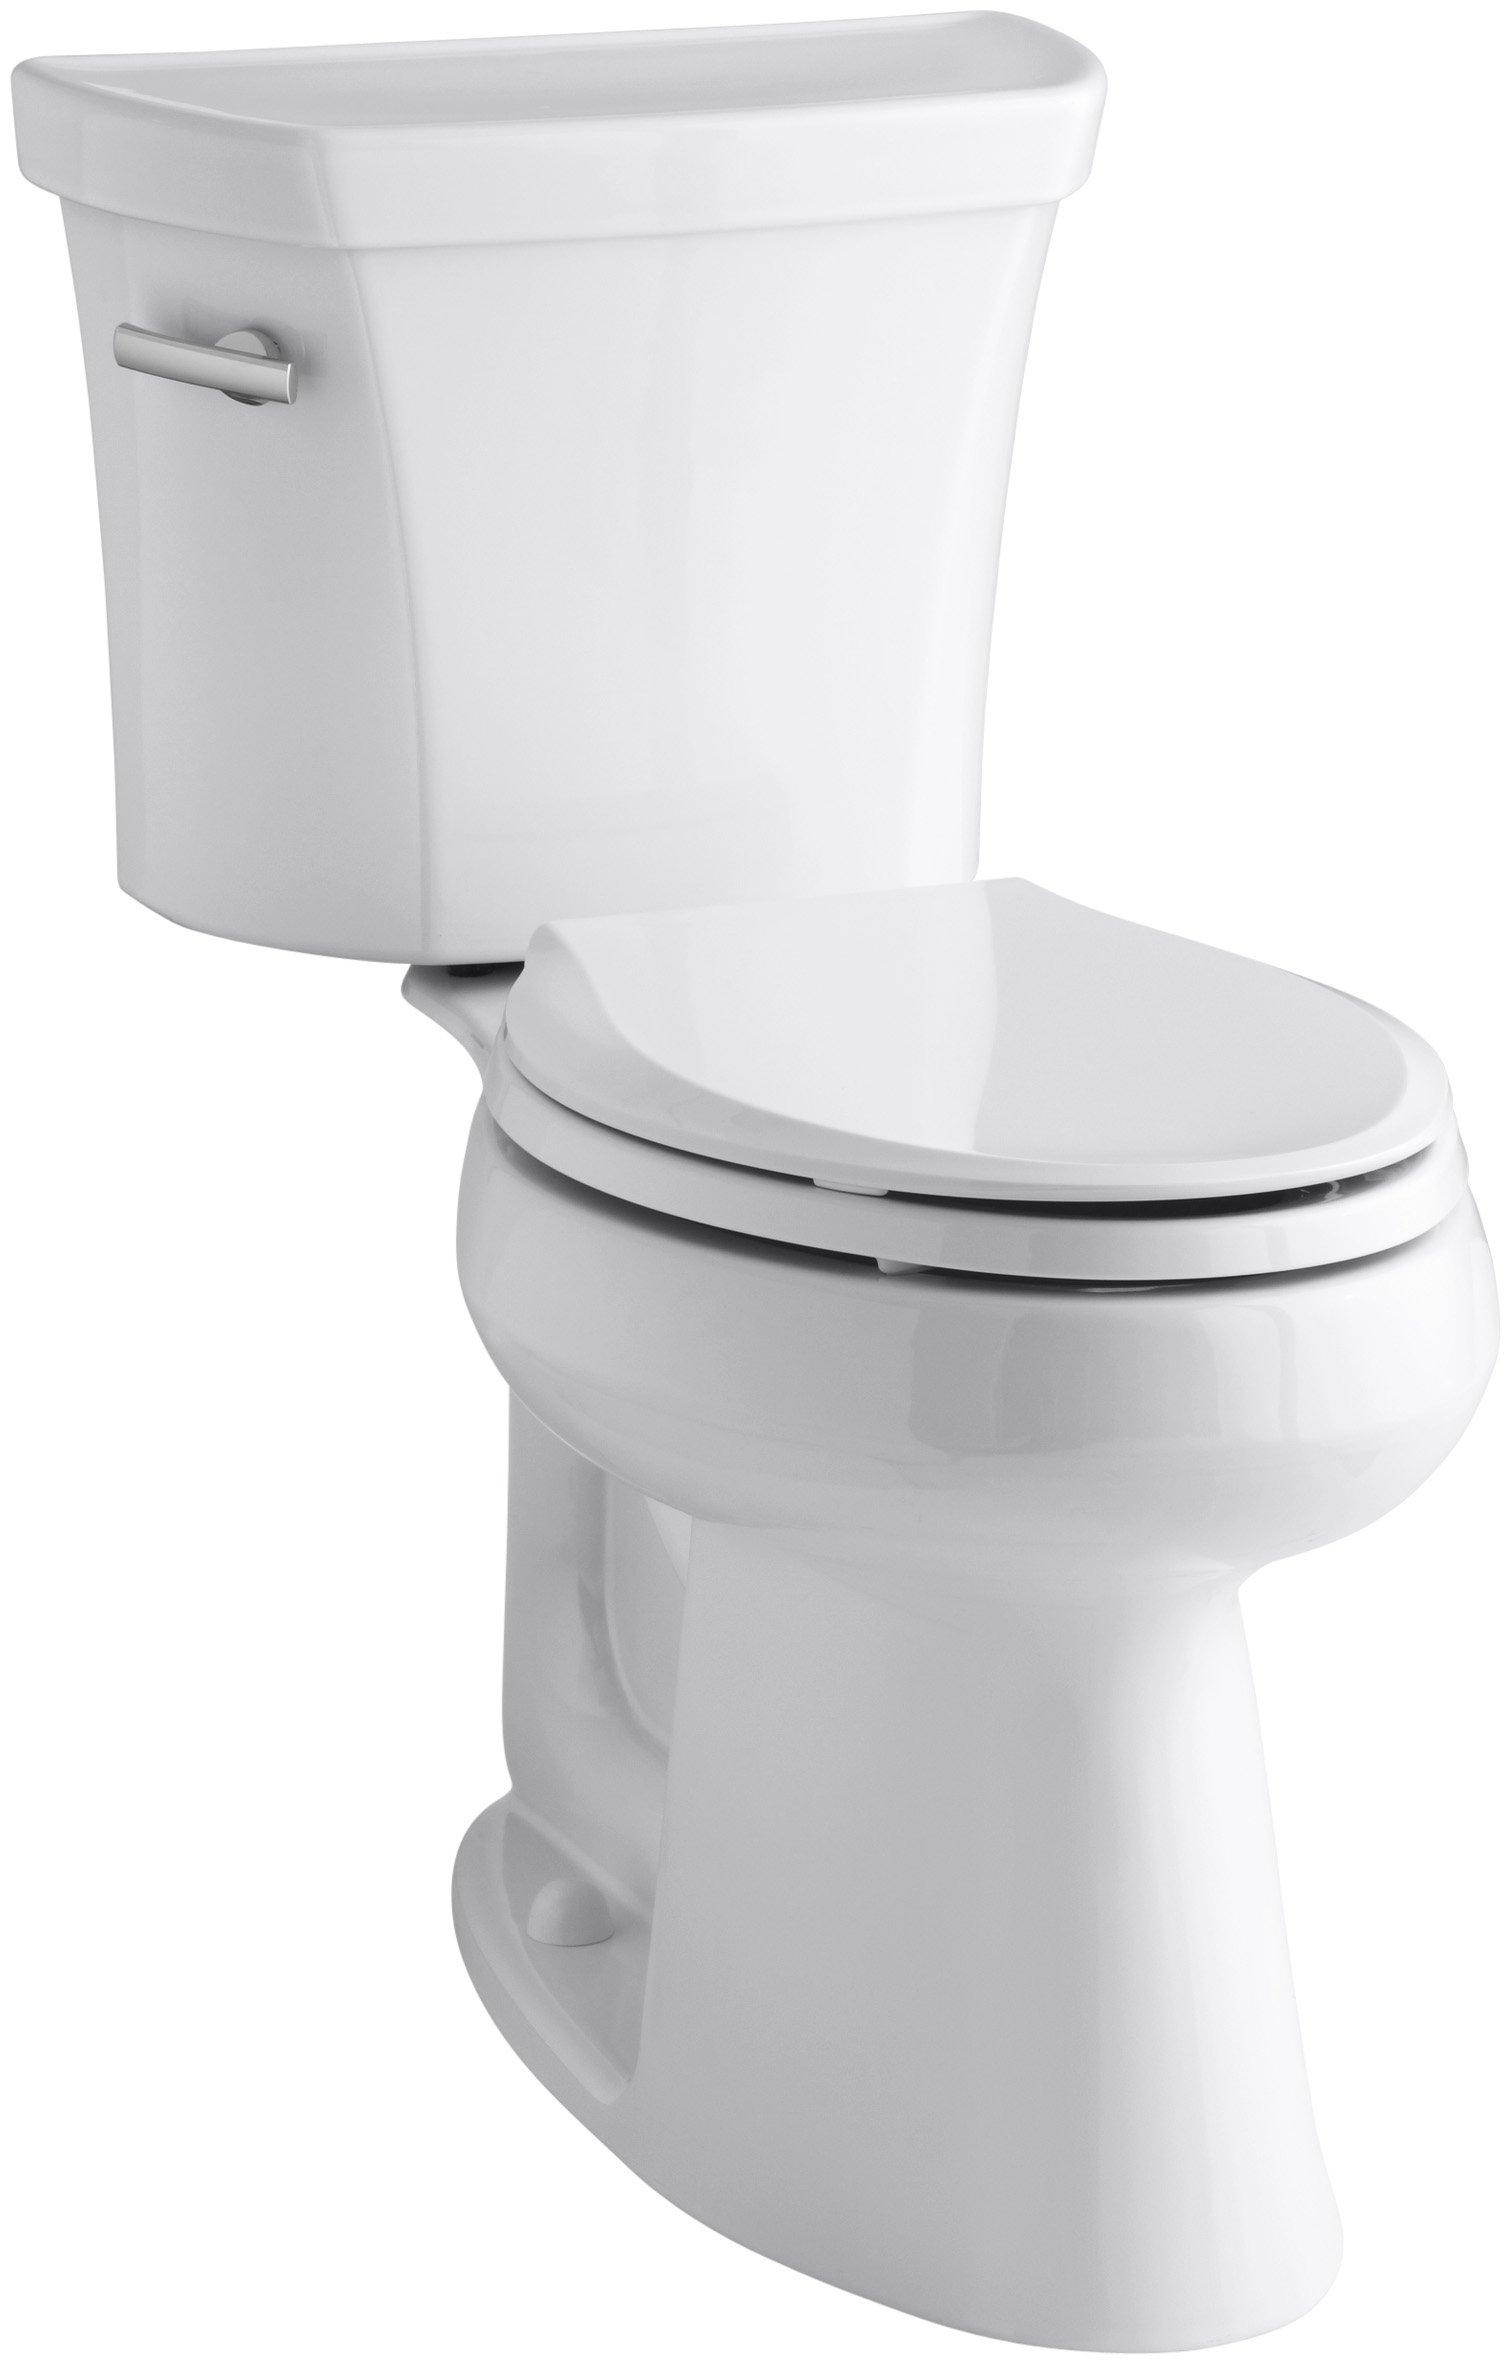 Kohler K-3889-0 Highline Comfort Height 1.28 gpf Toilet, 10-inch Rough-In, White